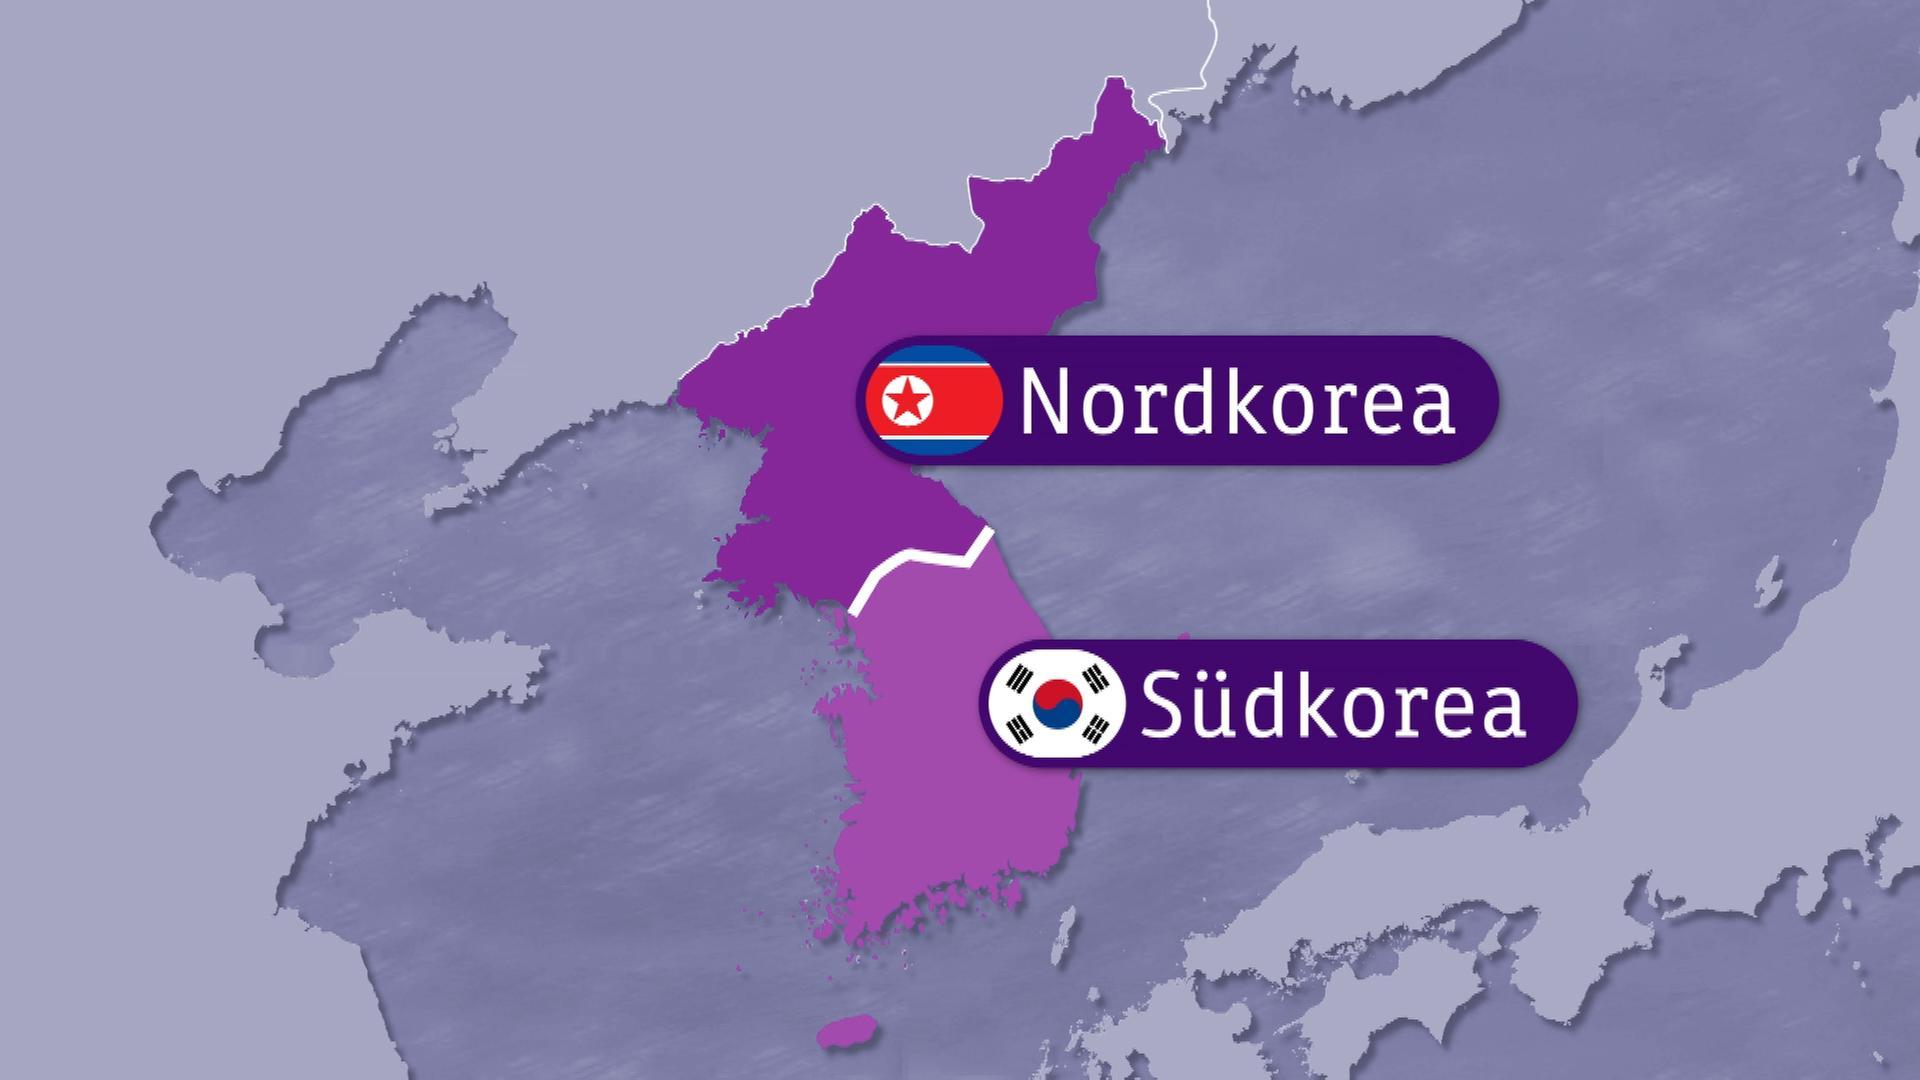 logo!: Gespräche zwischen Nord- und Südkorea - ZDFmediathek